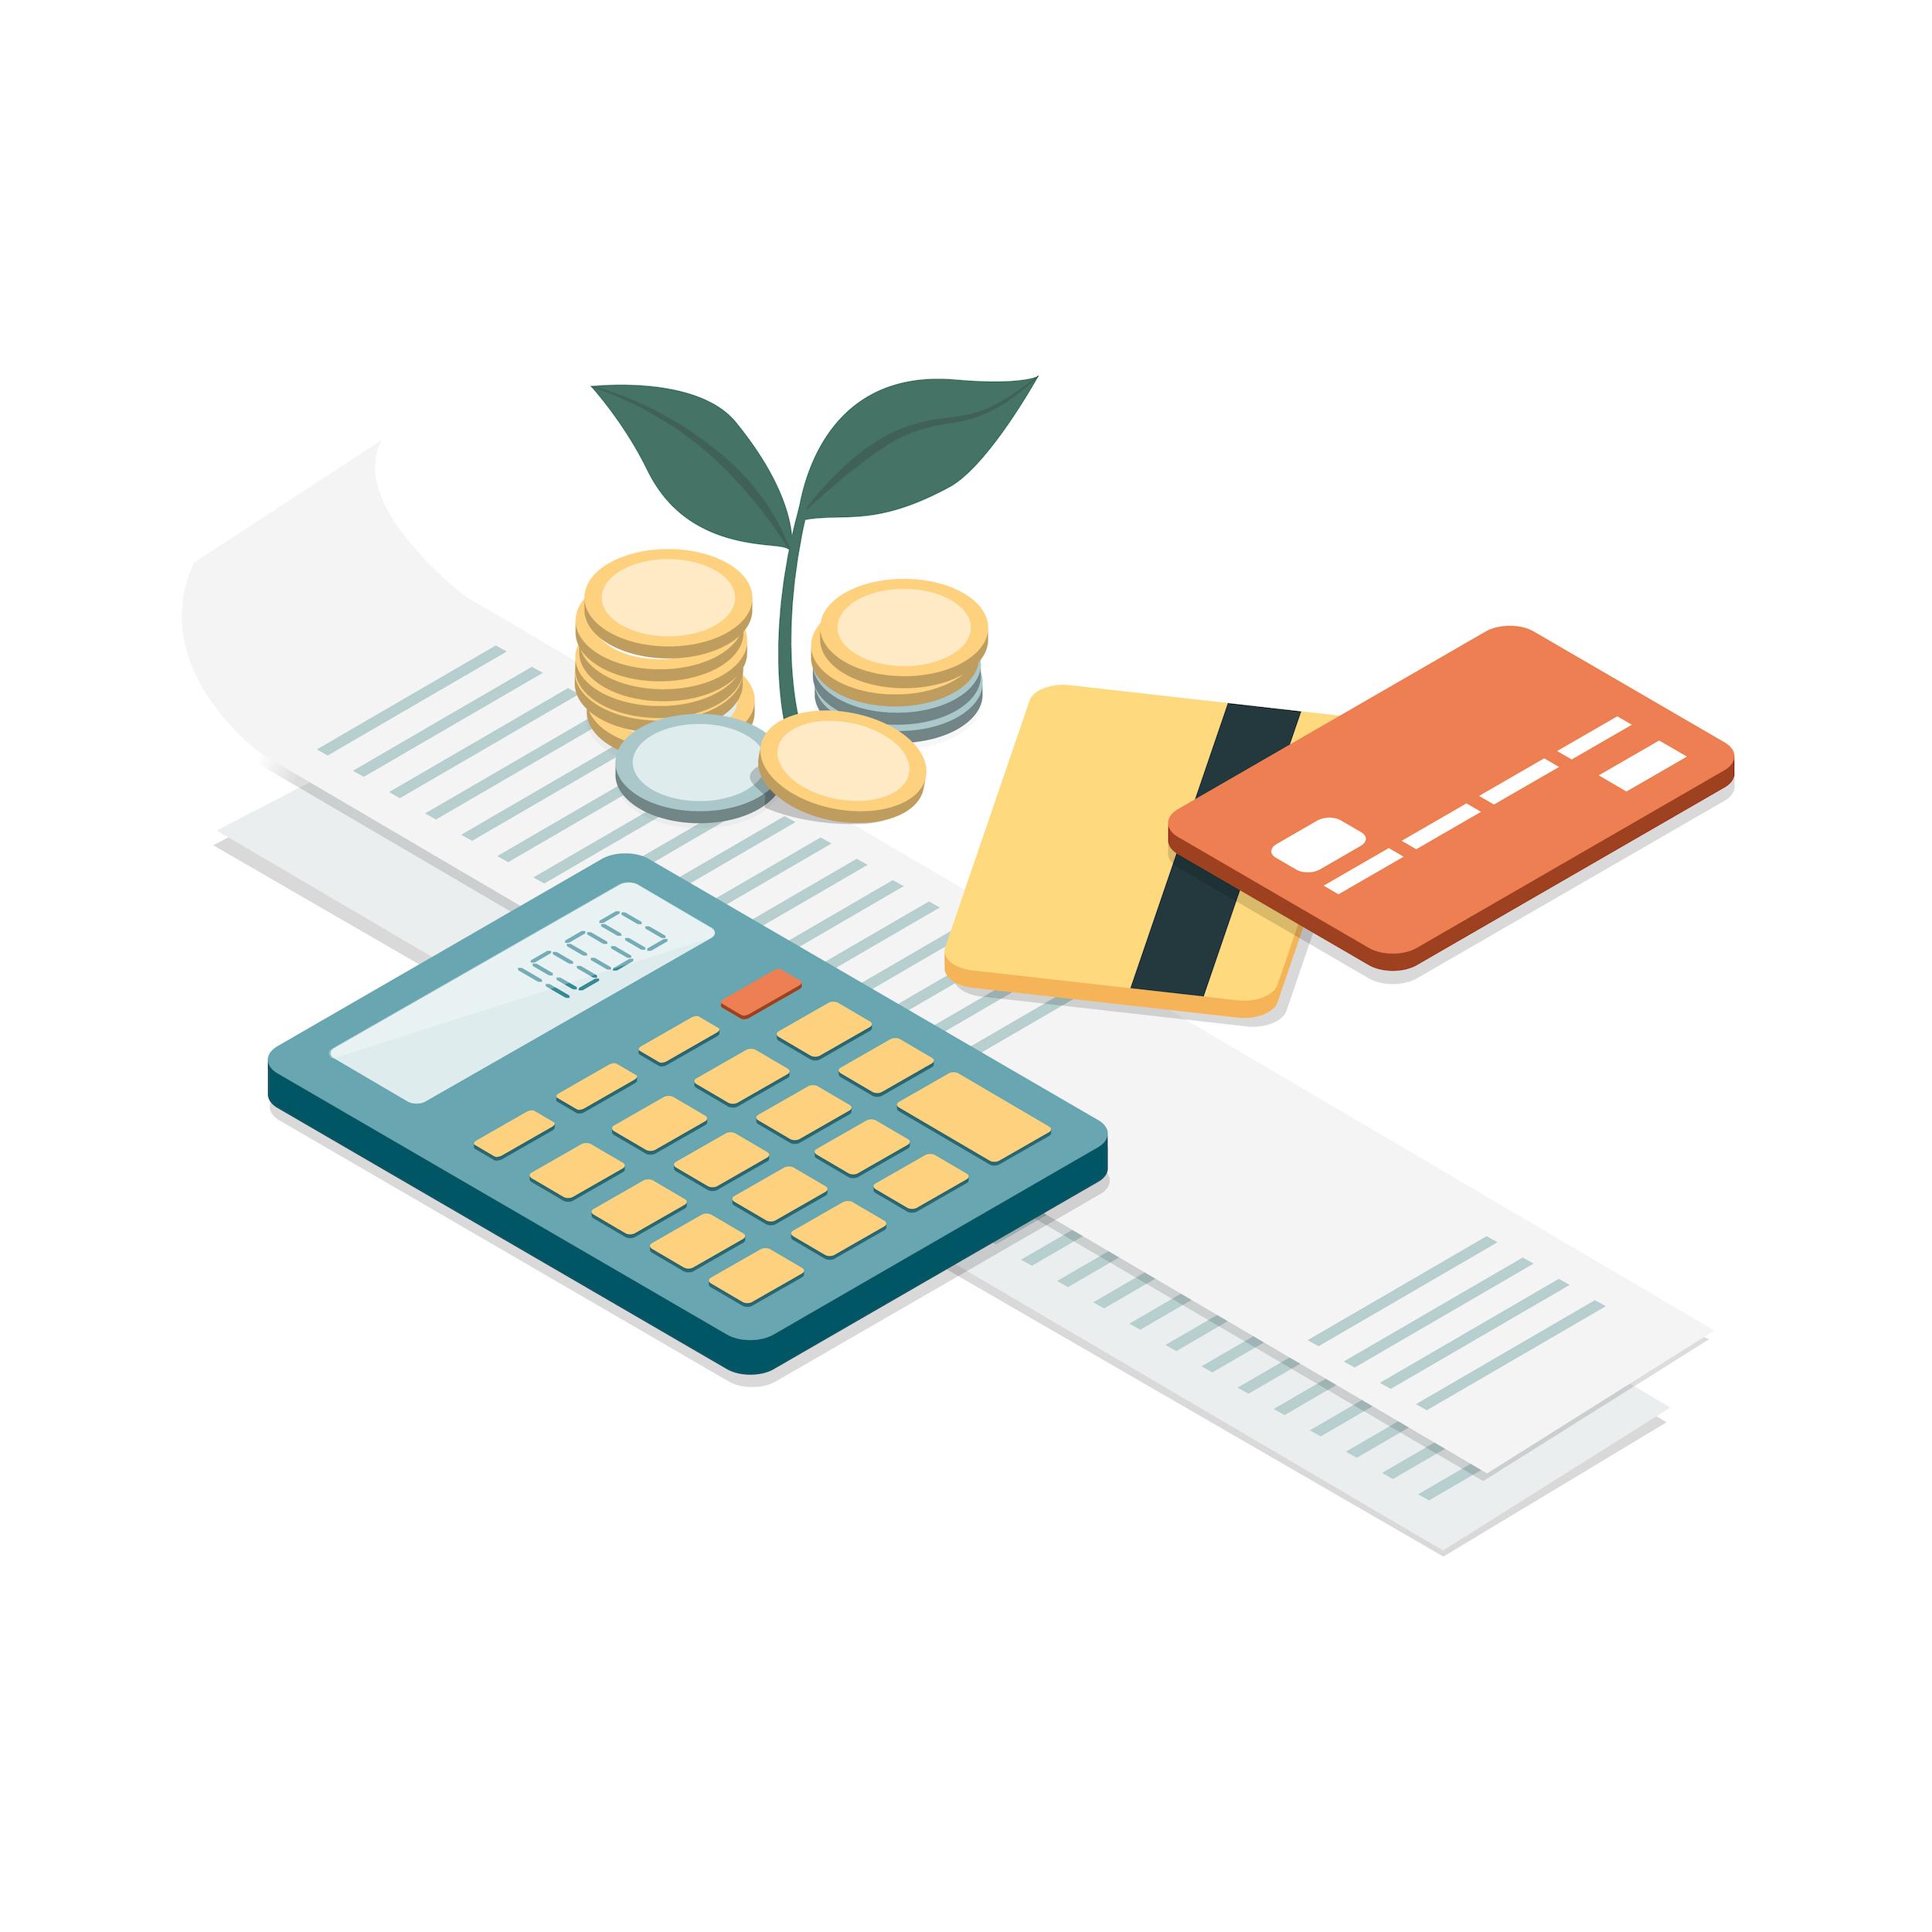 Lag et budsjett for nedbetaling av smålån